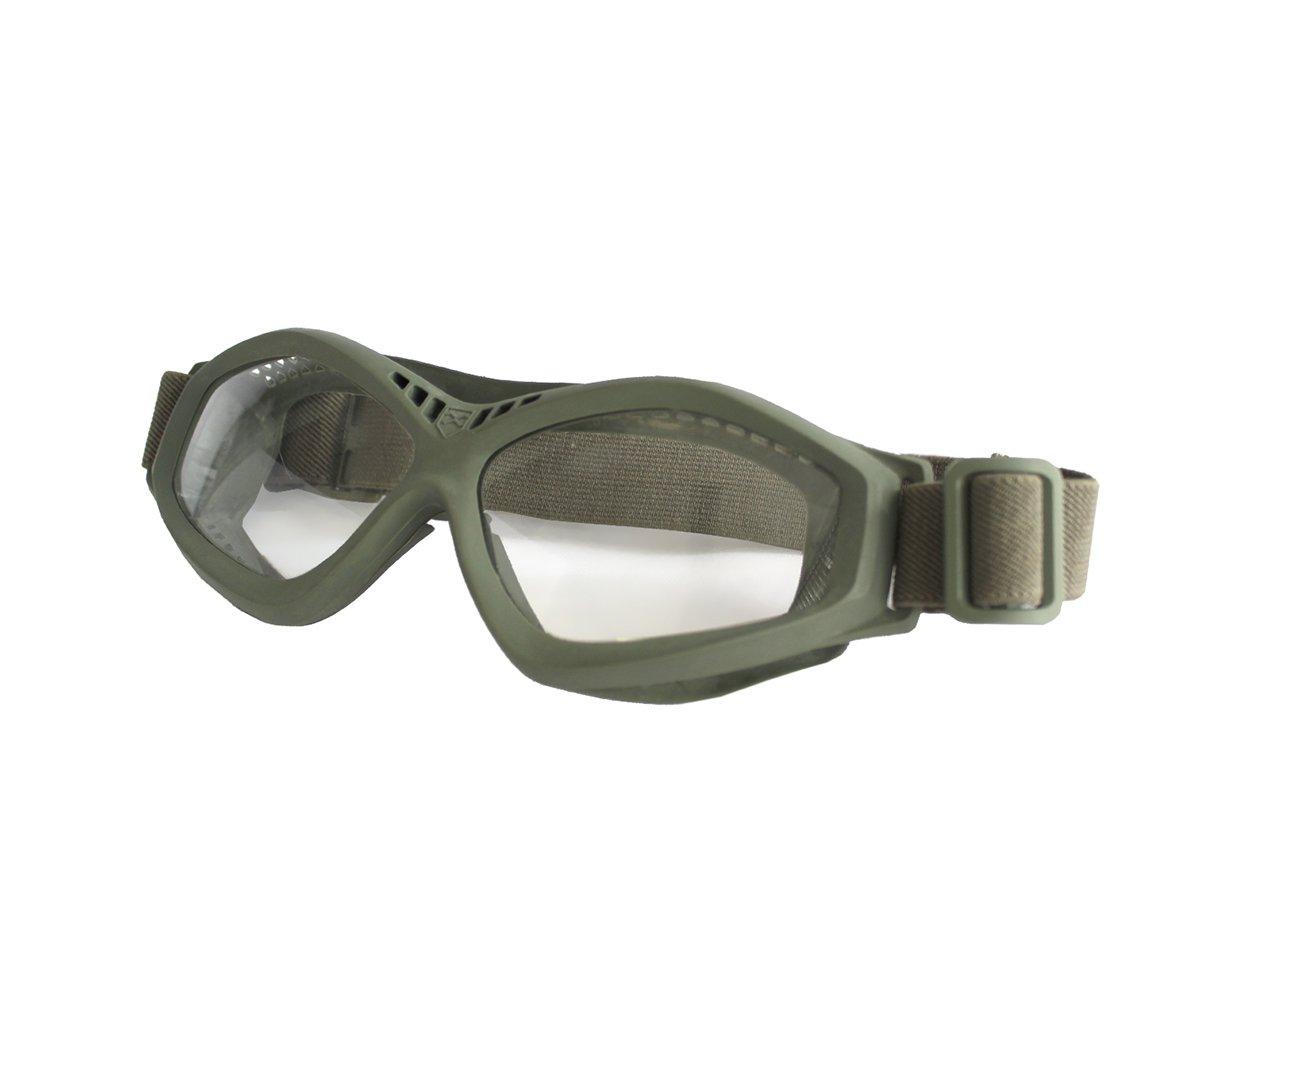 Mascara/oculos De Proteção Airsoft Extreme - Actionx